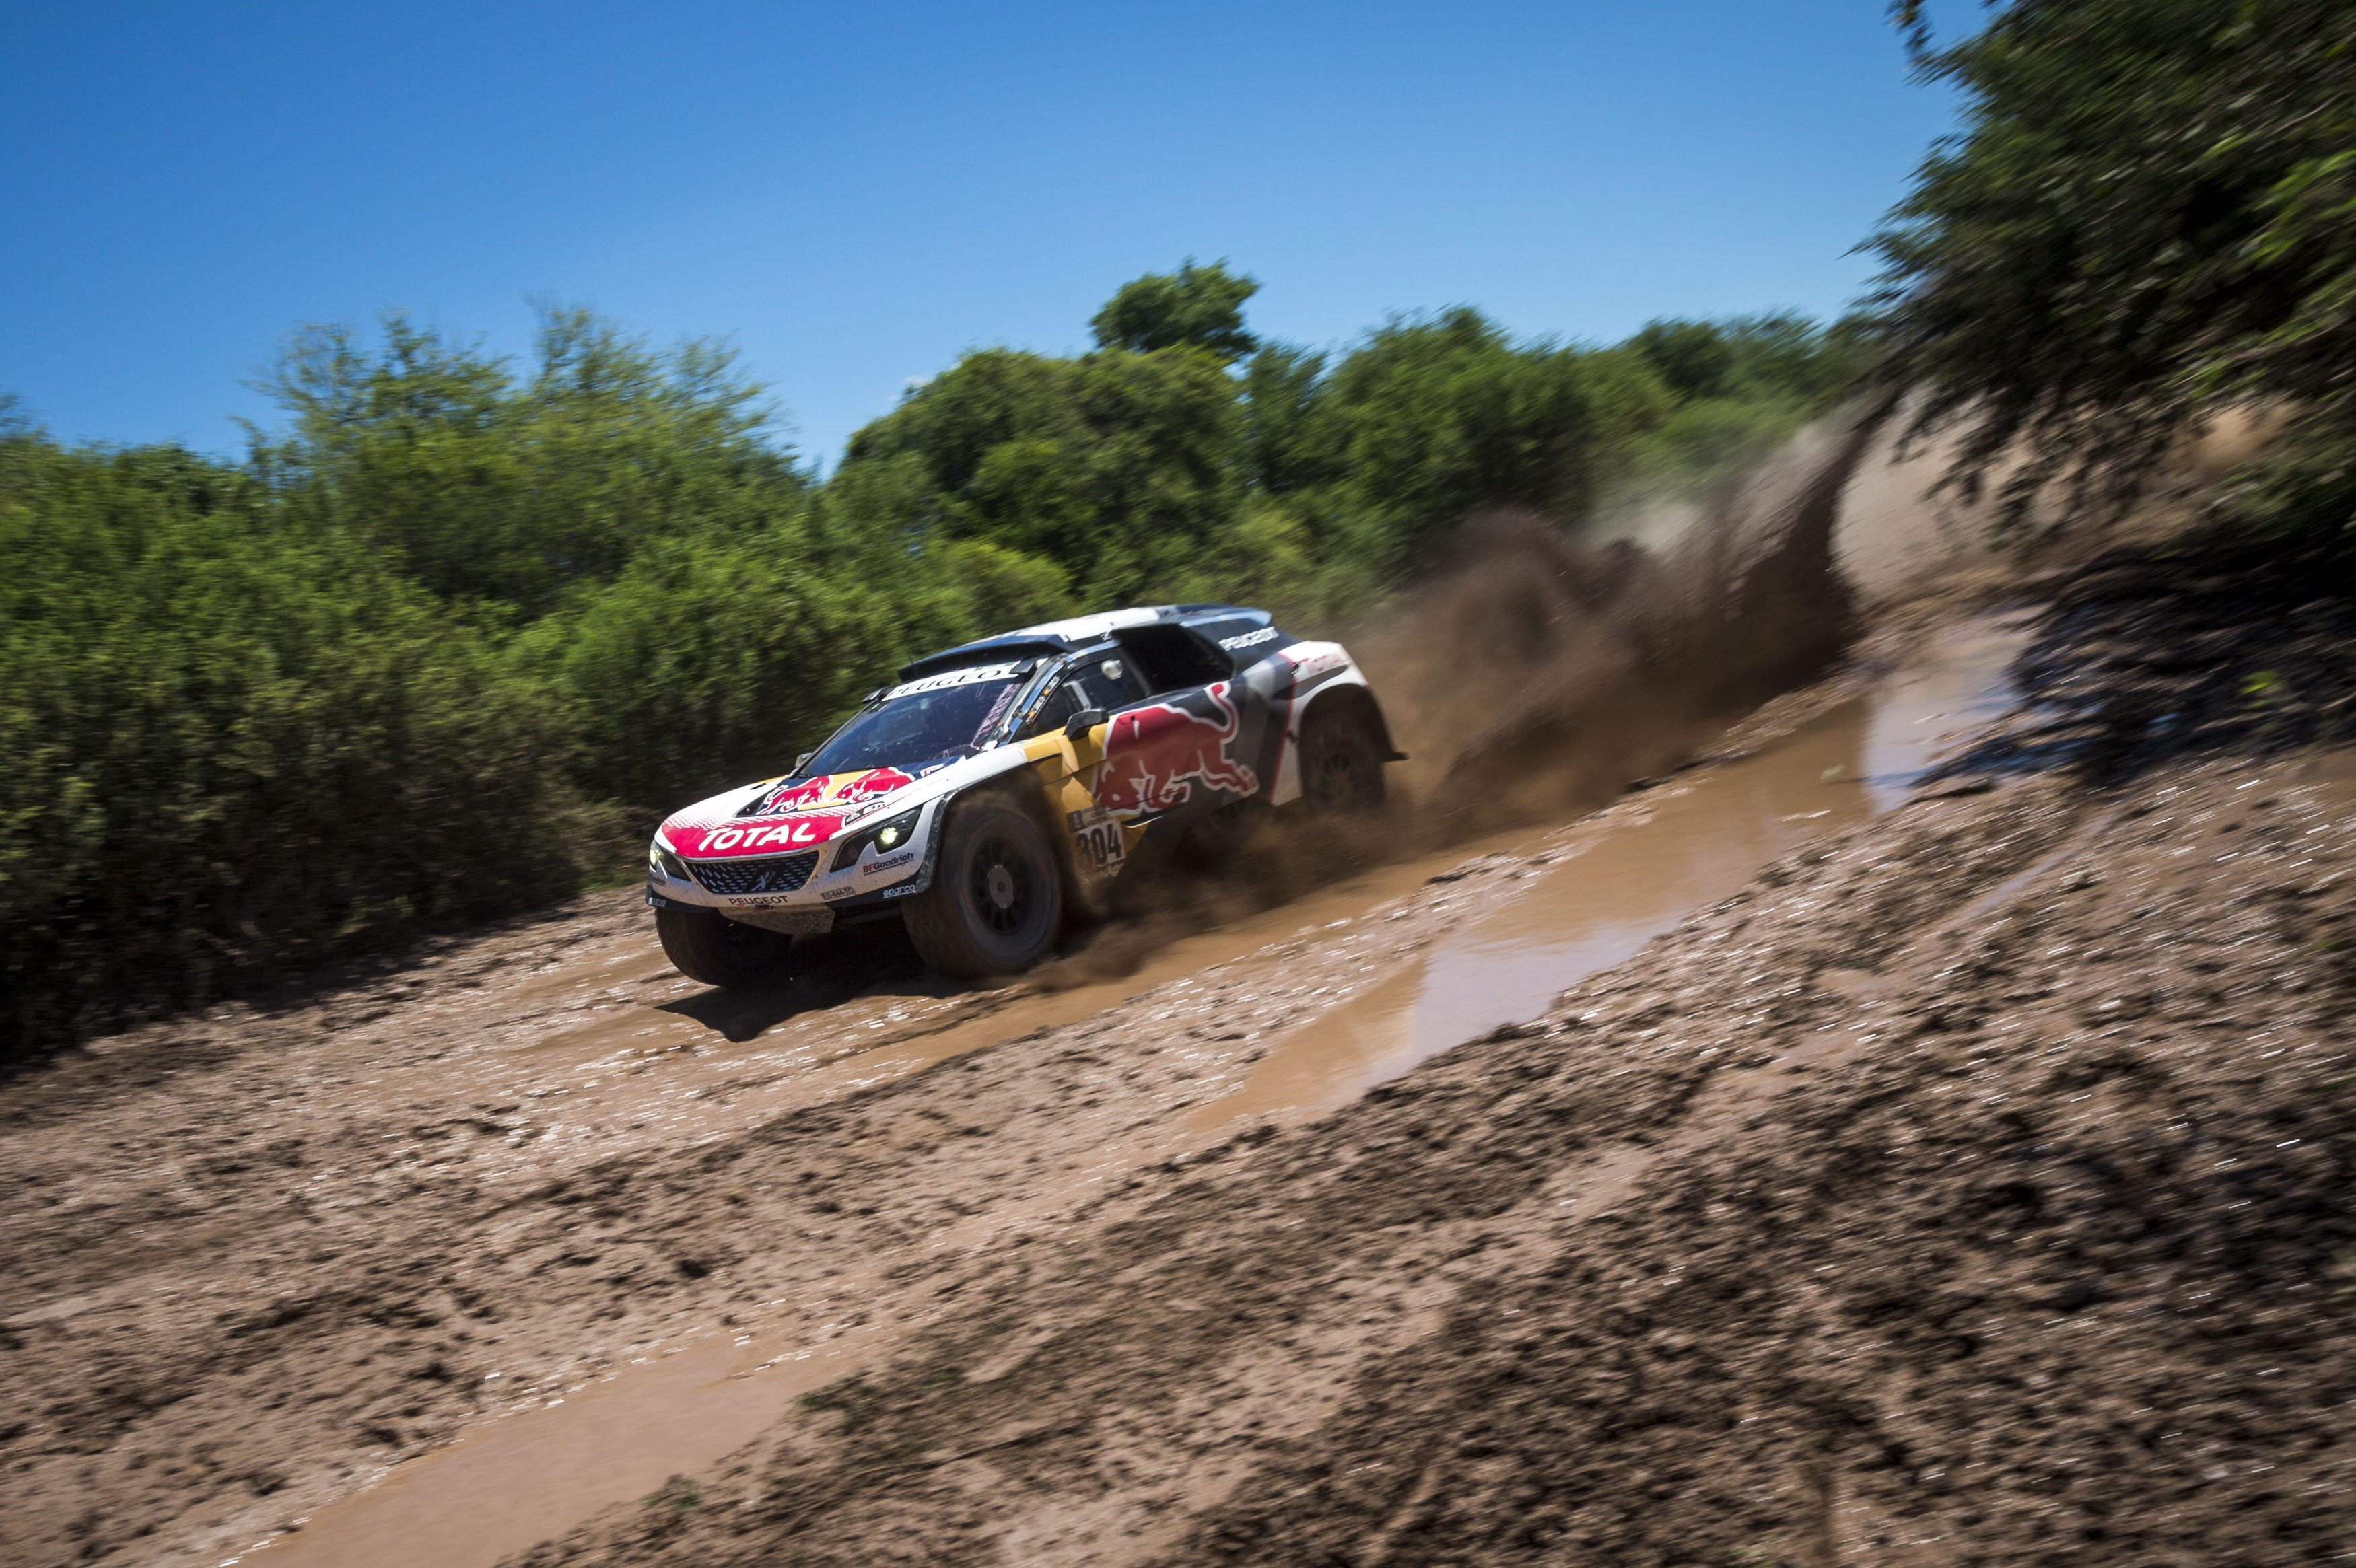 El Peugeot de Sainz i Cruz s'està comportant molt bé en les primeres jornades de ral·li